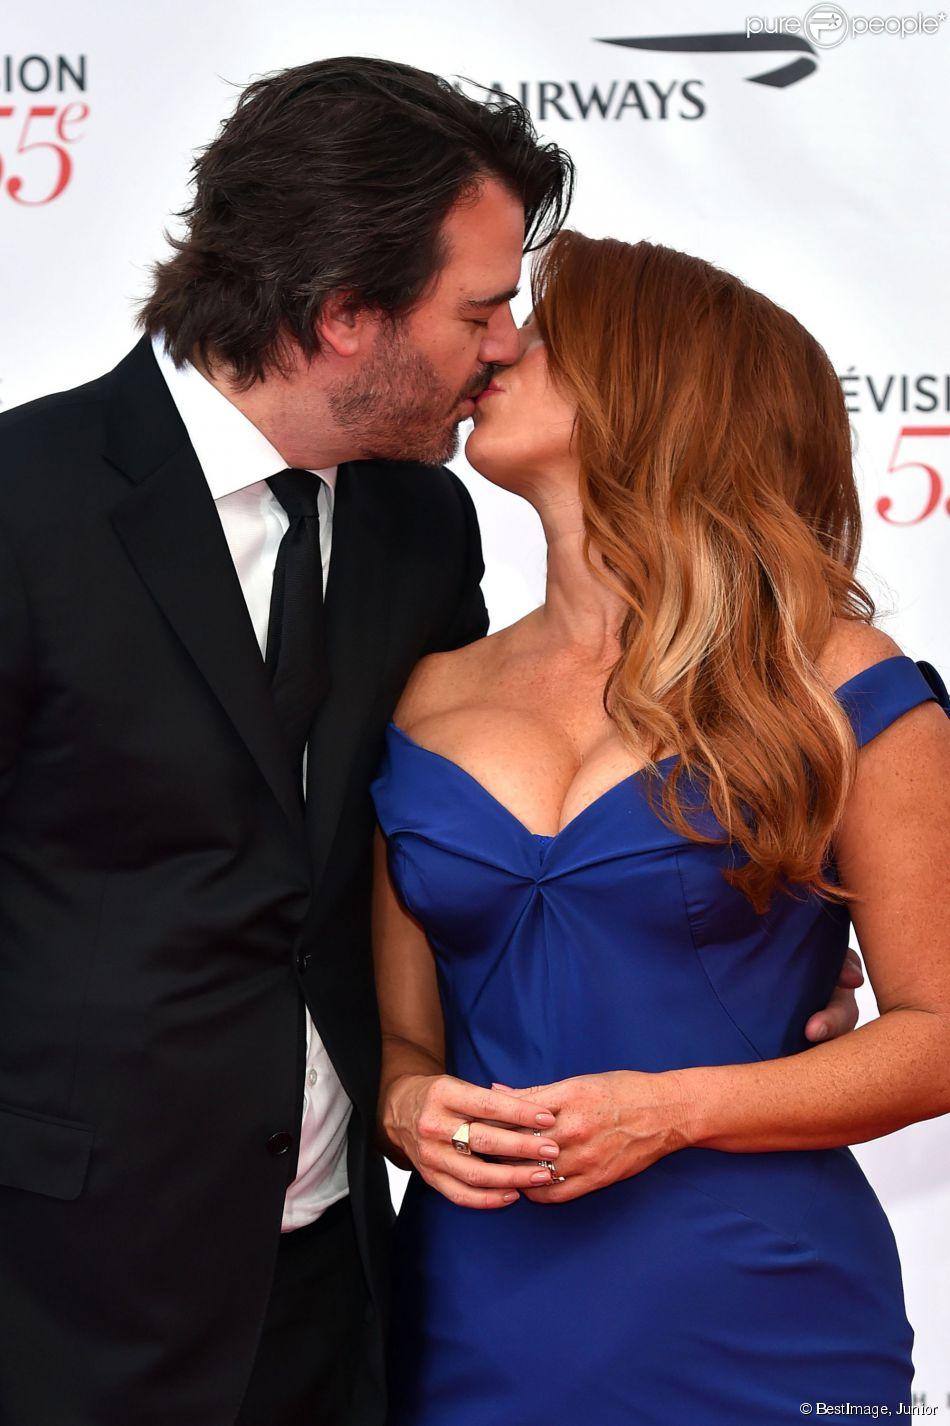 Poppy Montgomery, héroïne de la série Unforgettable, embrasse son mari Shawn Sanford lors de la soirée d'ouverture du 55e Festival International de Télévision de Monte-Carlo le 13 juin 2015 !